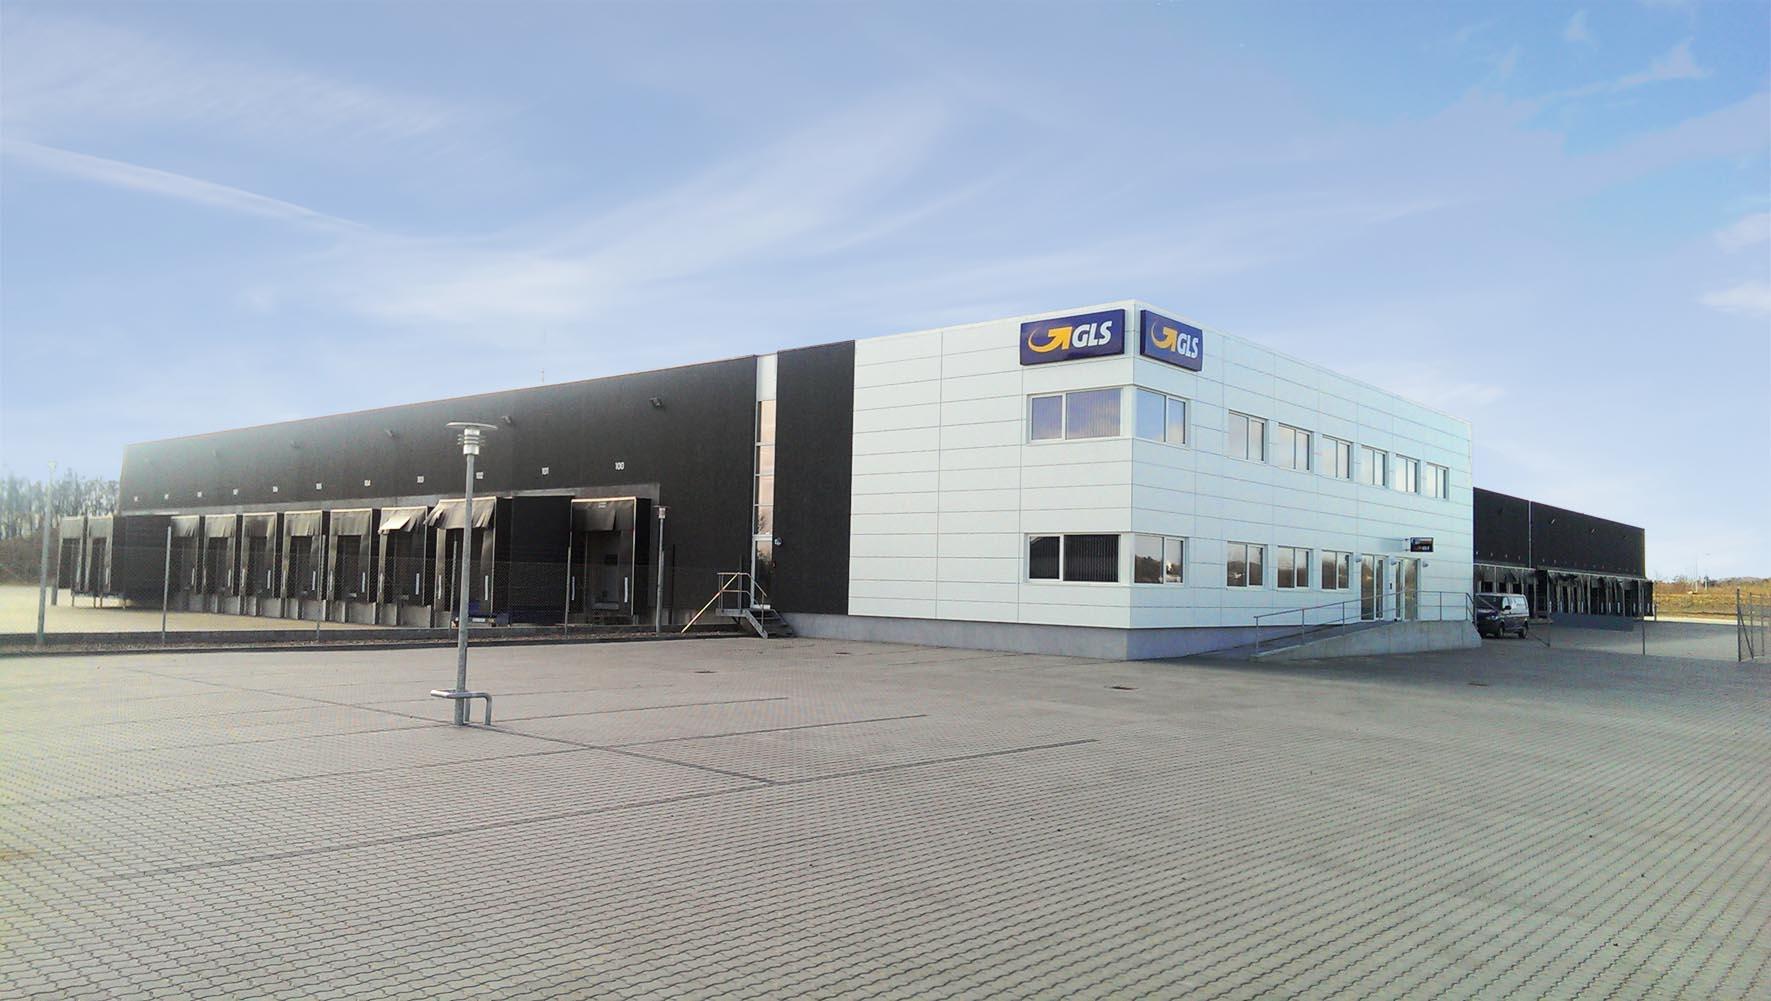 Gls Bner Nyt Depot I Aalborg Transportmagasinet